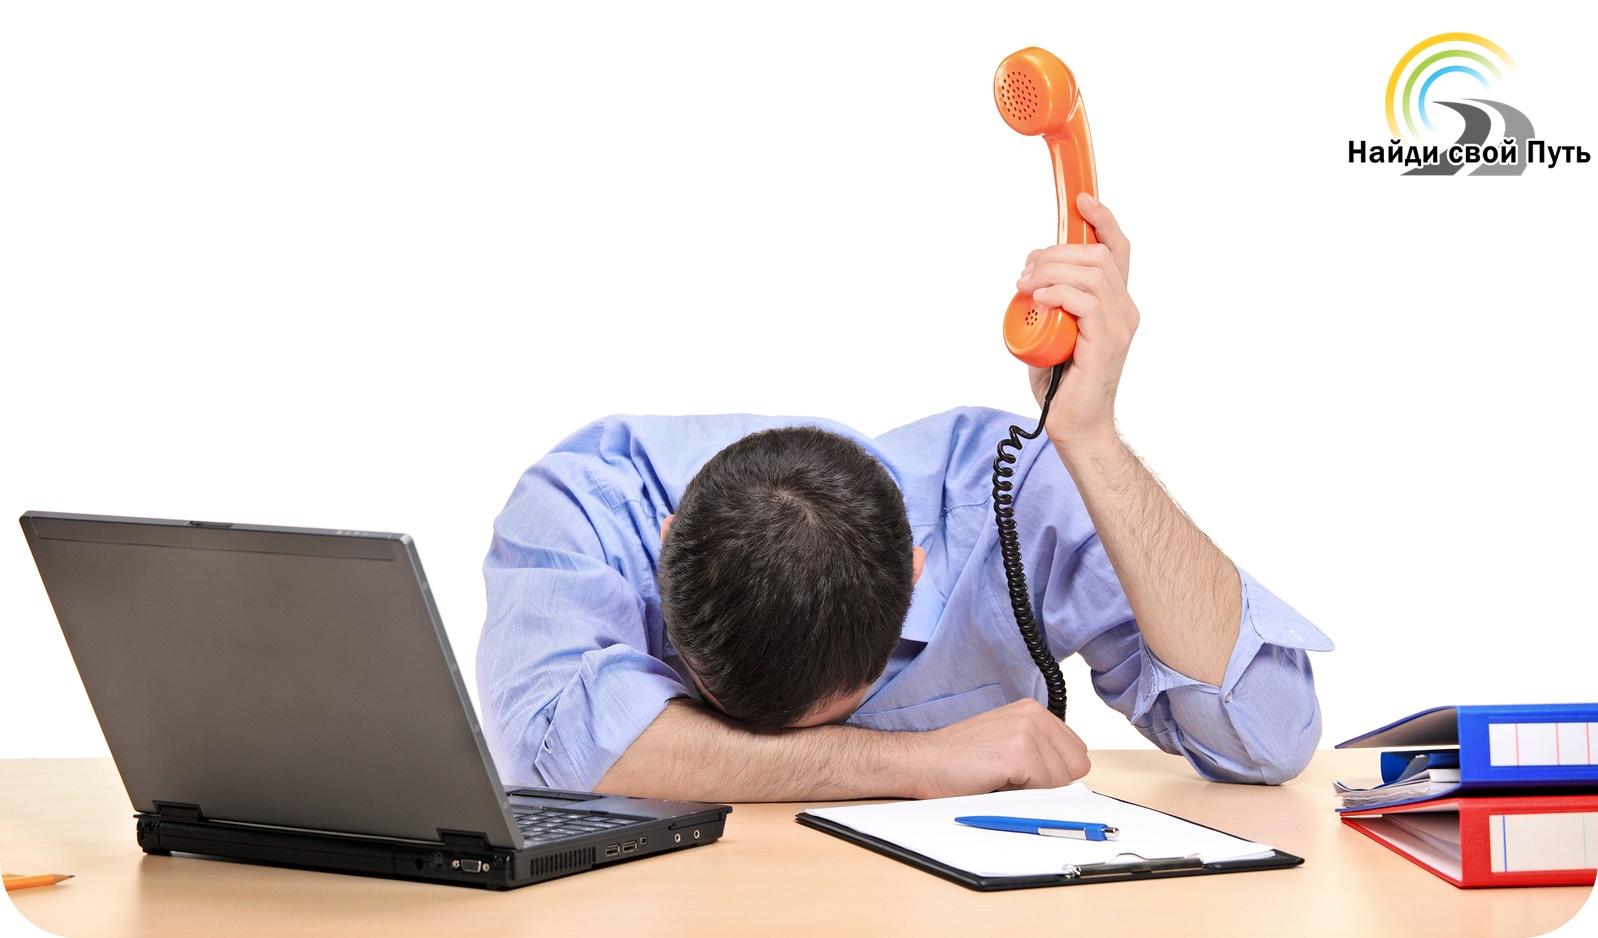 если работа не приносит удовольствия, работа не приносит удовольствия, работа которая приносит удовольствие, работа не приносит удовлетворения